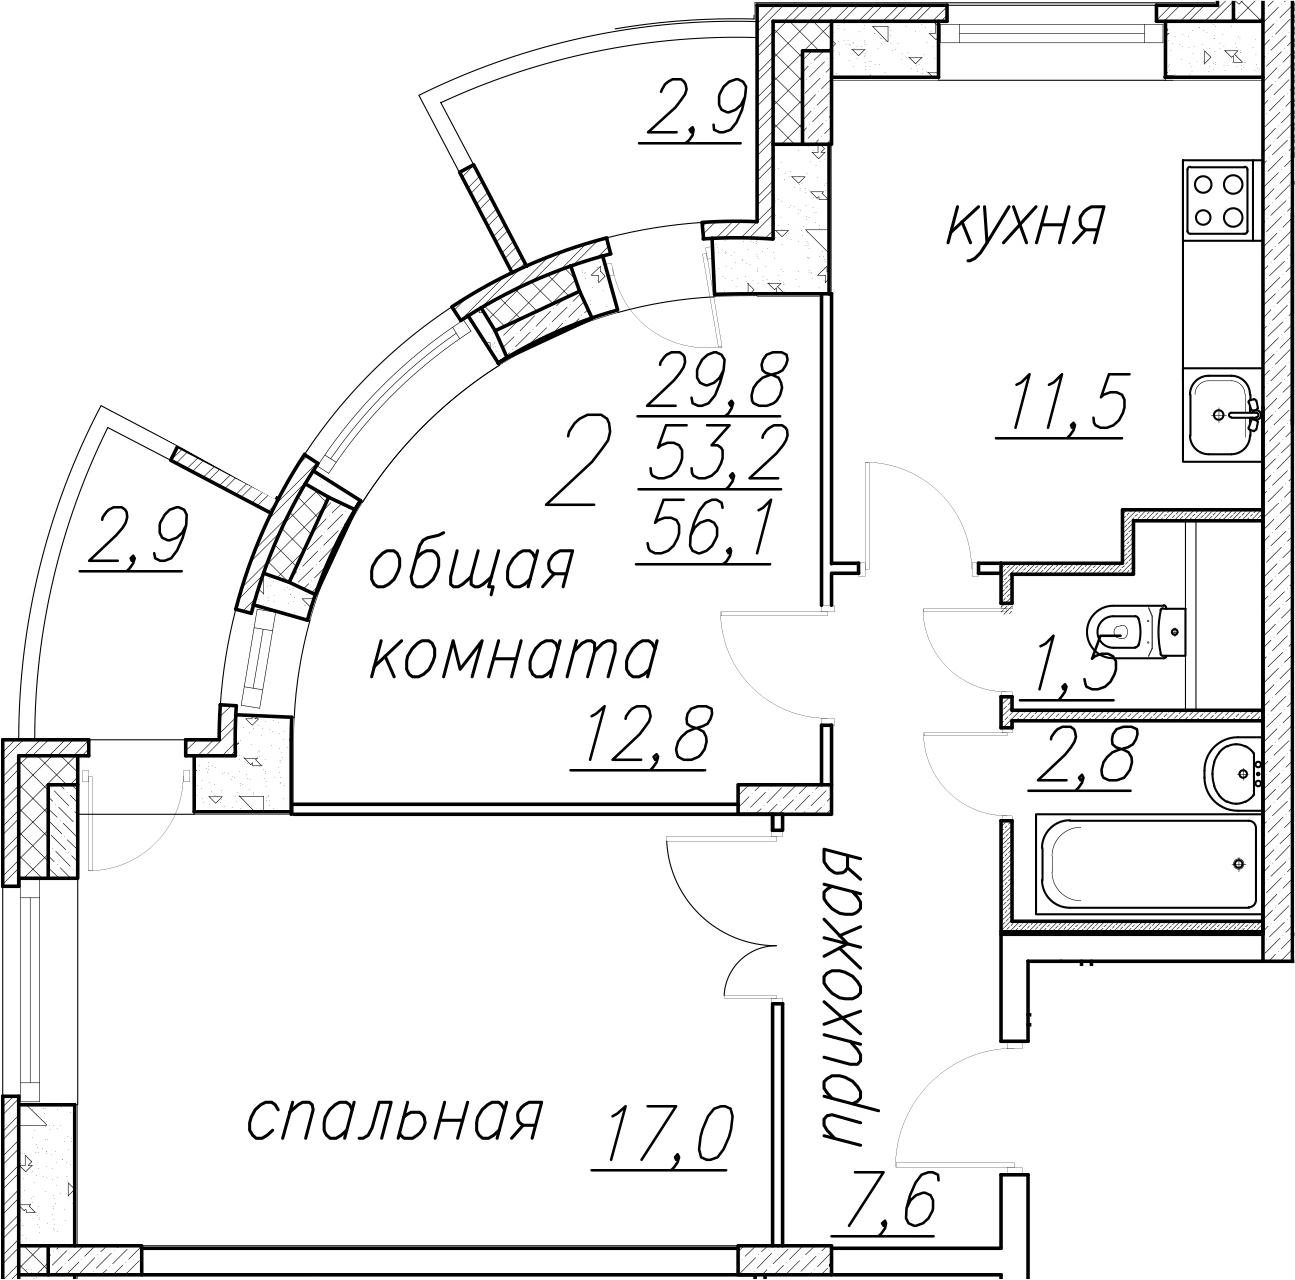 2-комнатная, 56.1 м²– 2